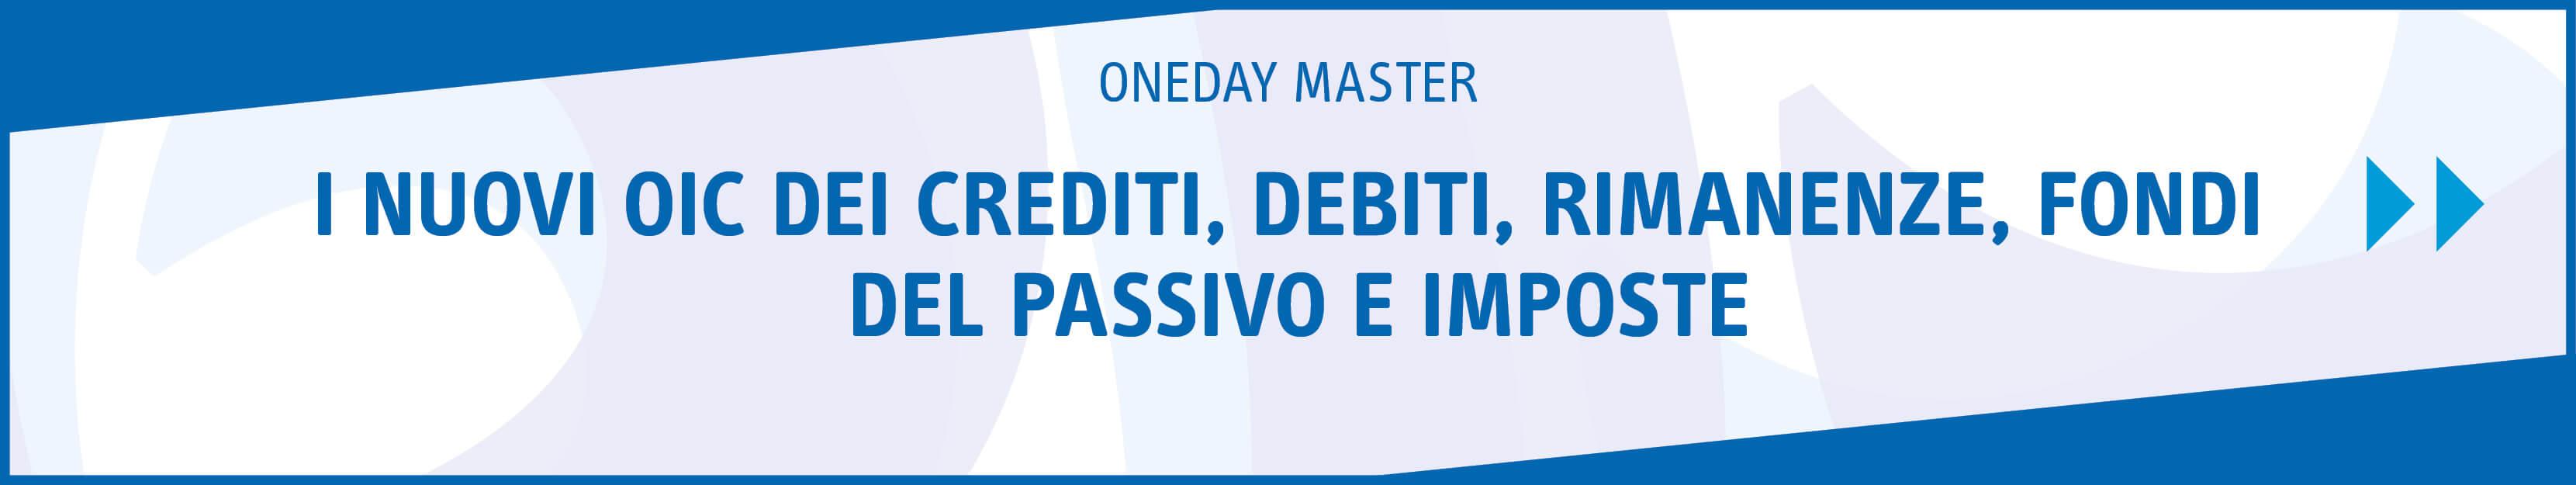 I nuovi OIC dei crediti, debiti, rimanenze, fondi del passivo e imposte